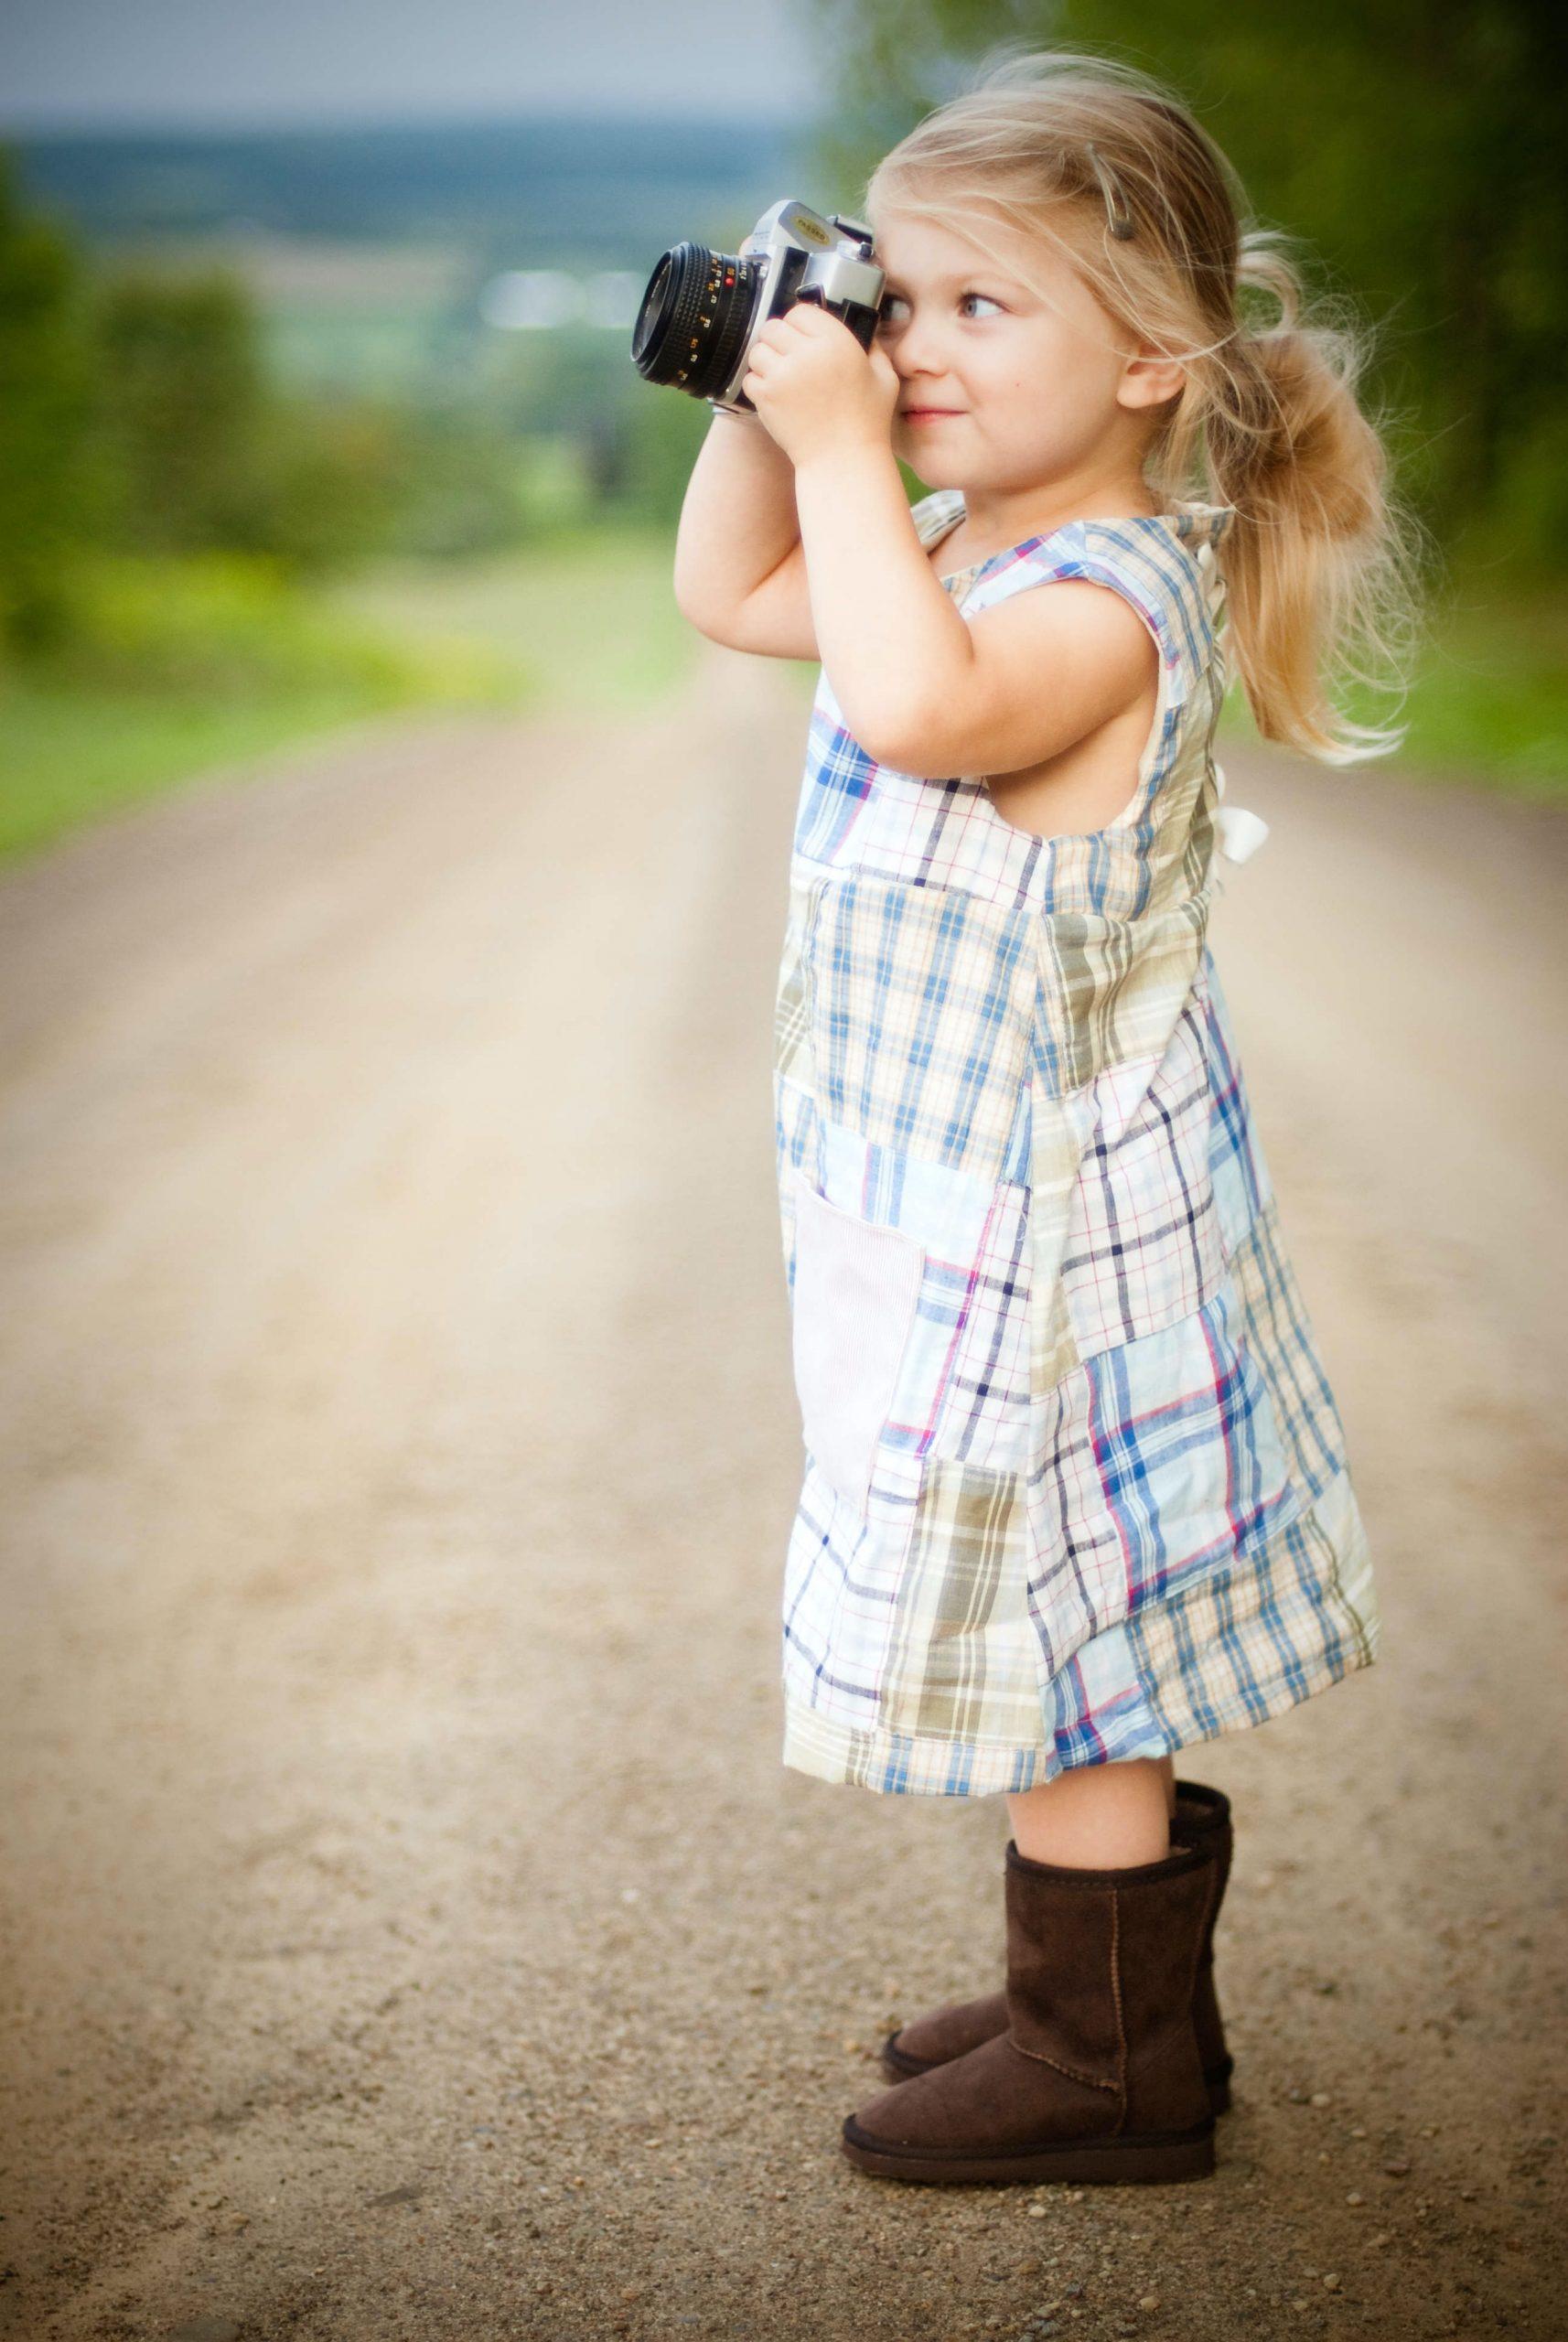 Co robić z dziećmi w Rzeszowie? – TOP 7 ATRAKCJI